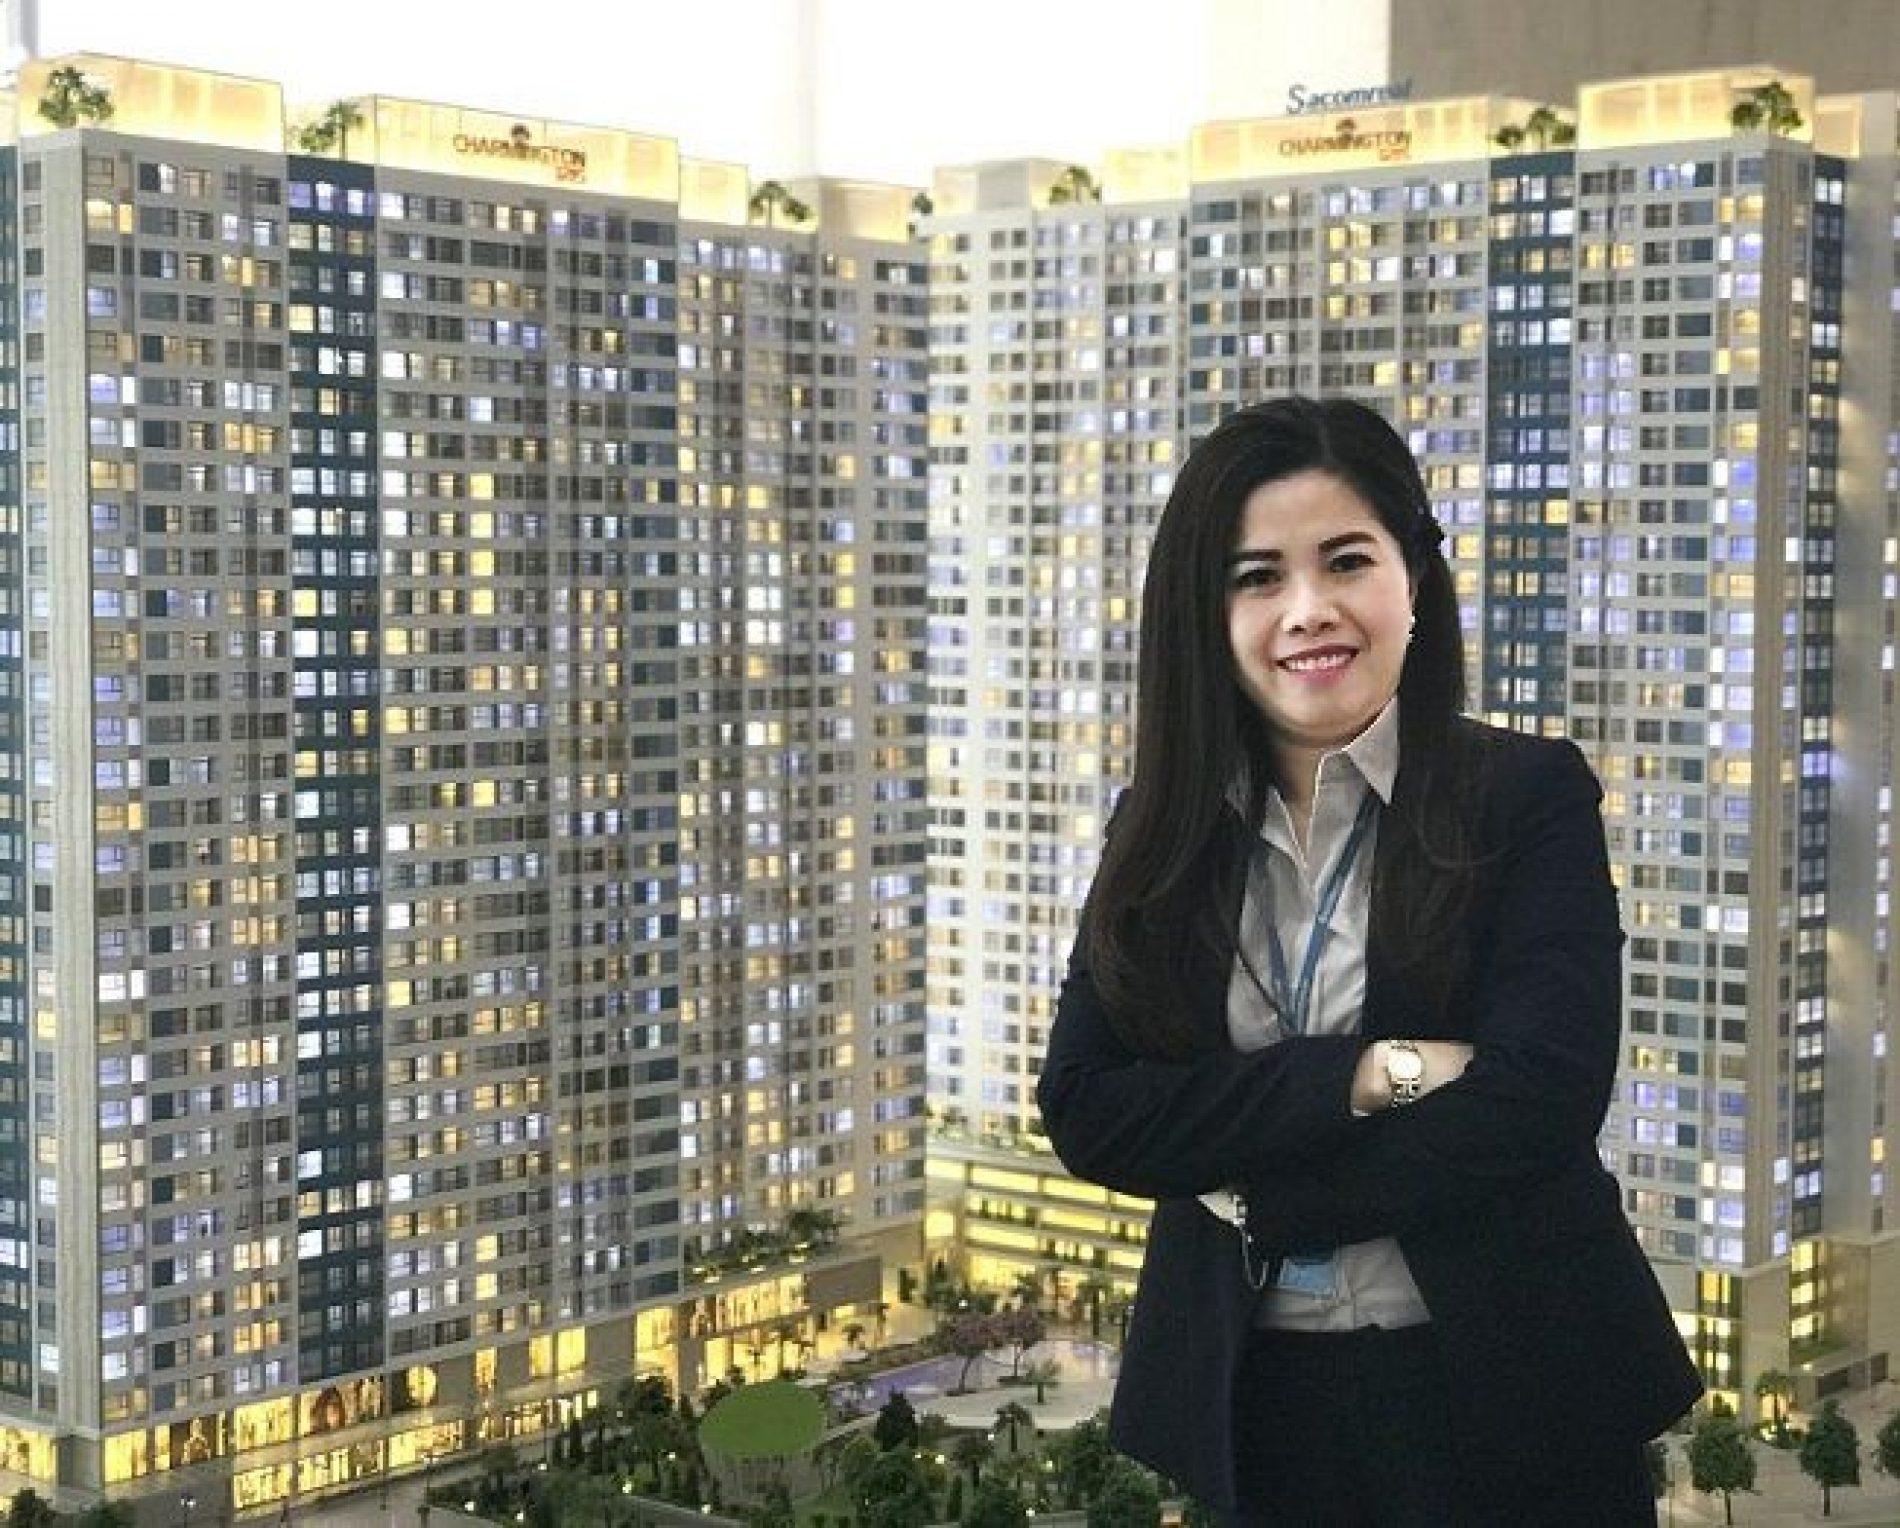 Nguyên nhân giá trị bất động sản liên tục tăng